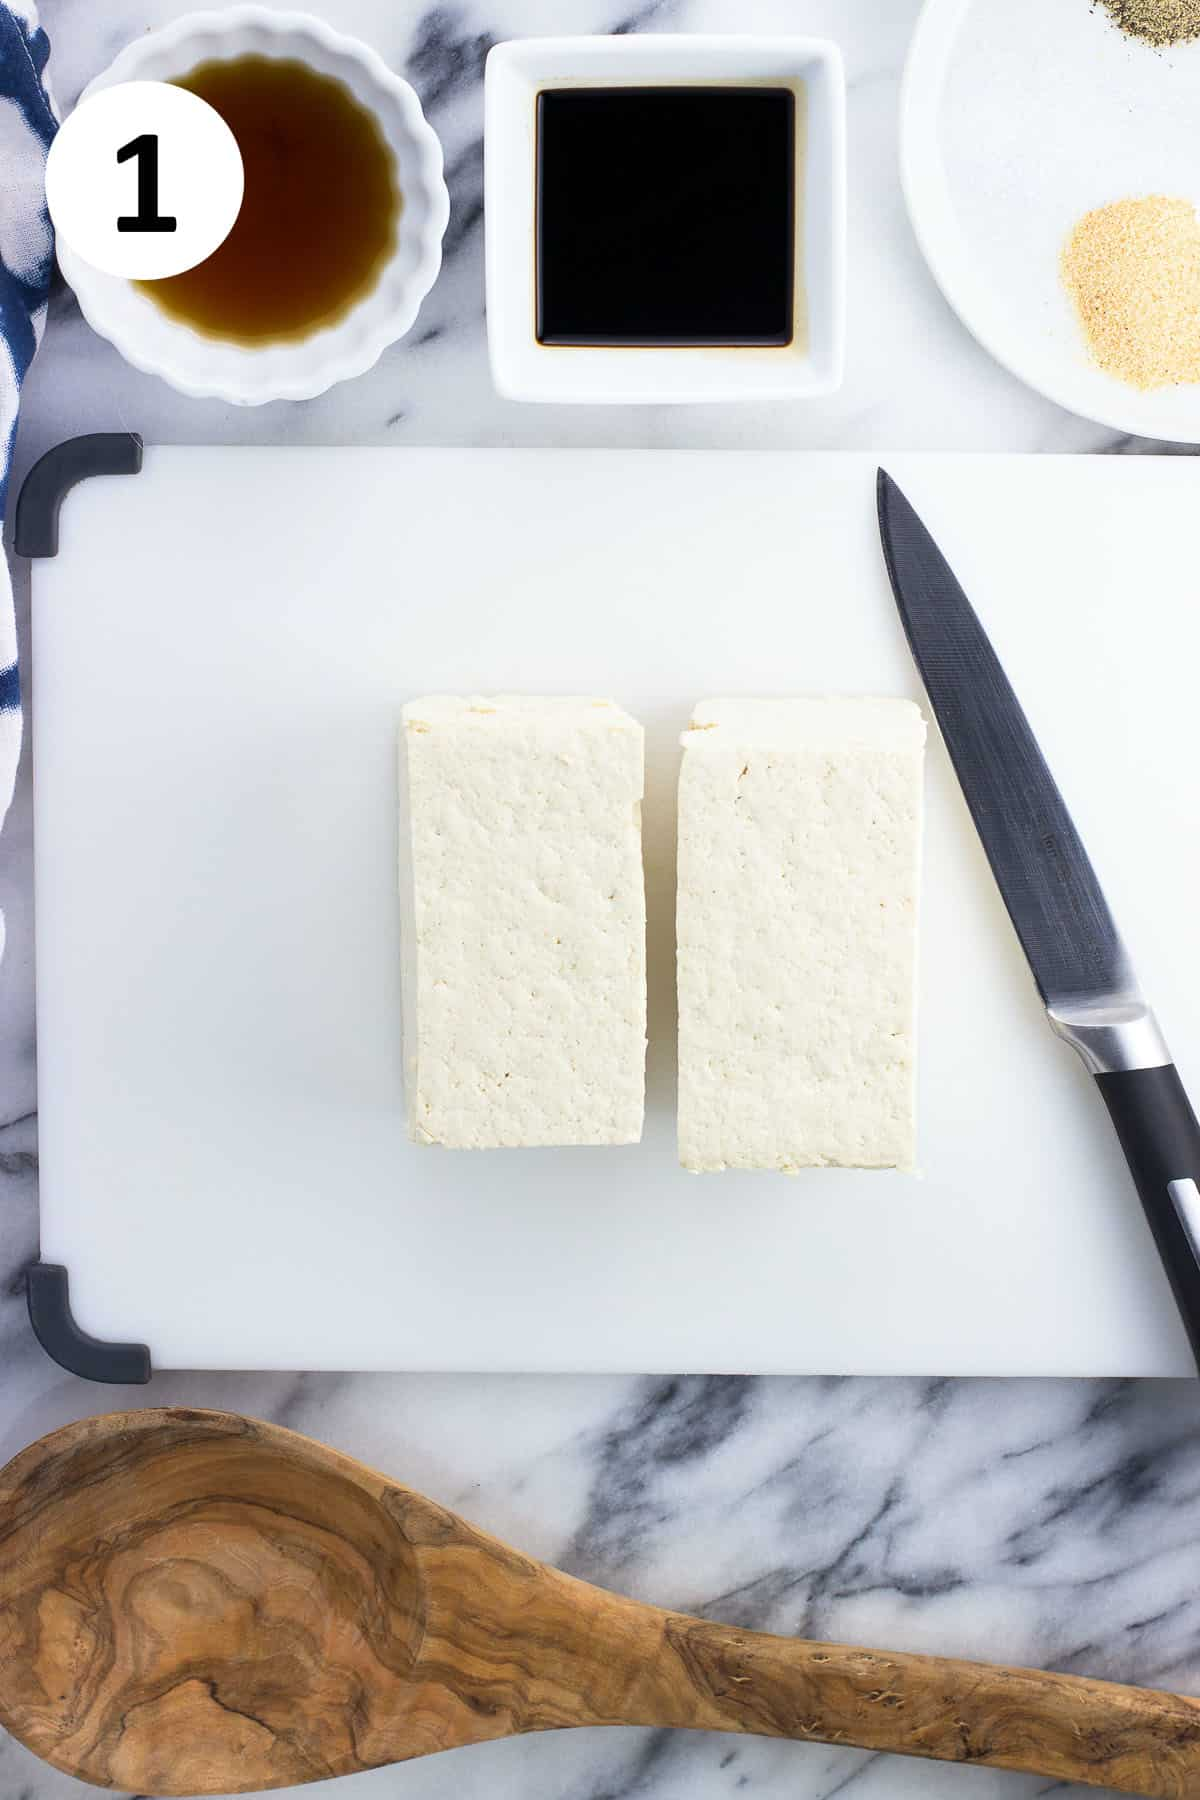 A block of pressed tofu on a board cut in half.